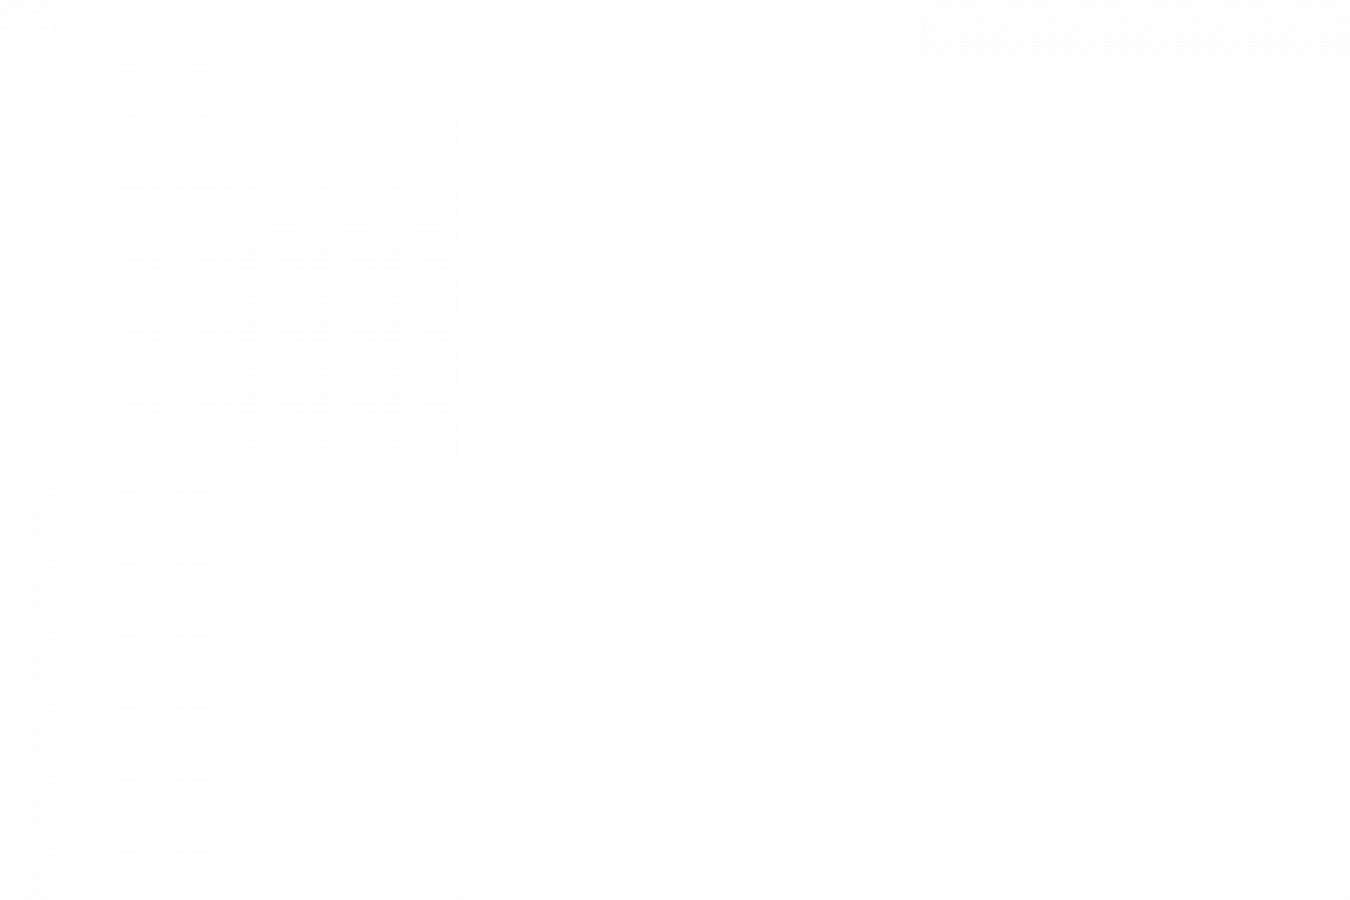 rekmacka-bredde